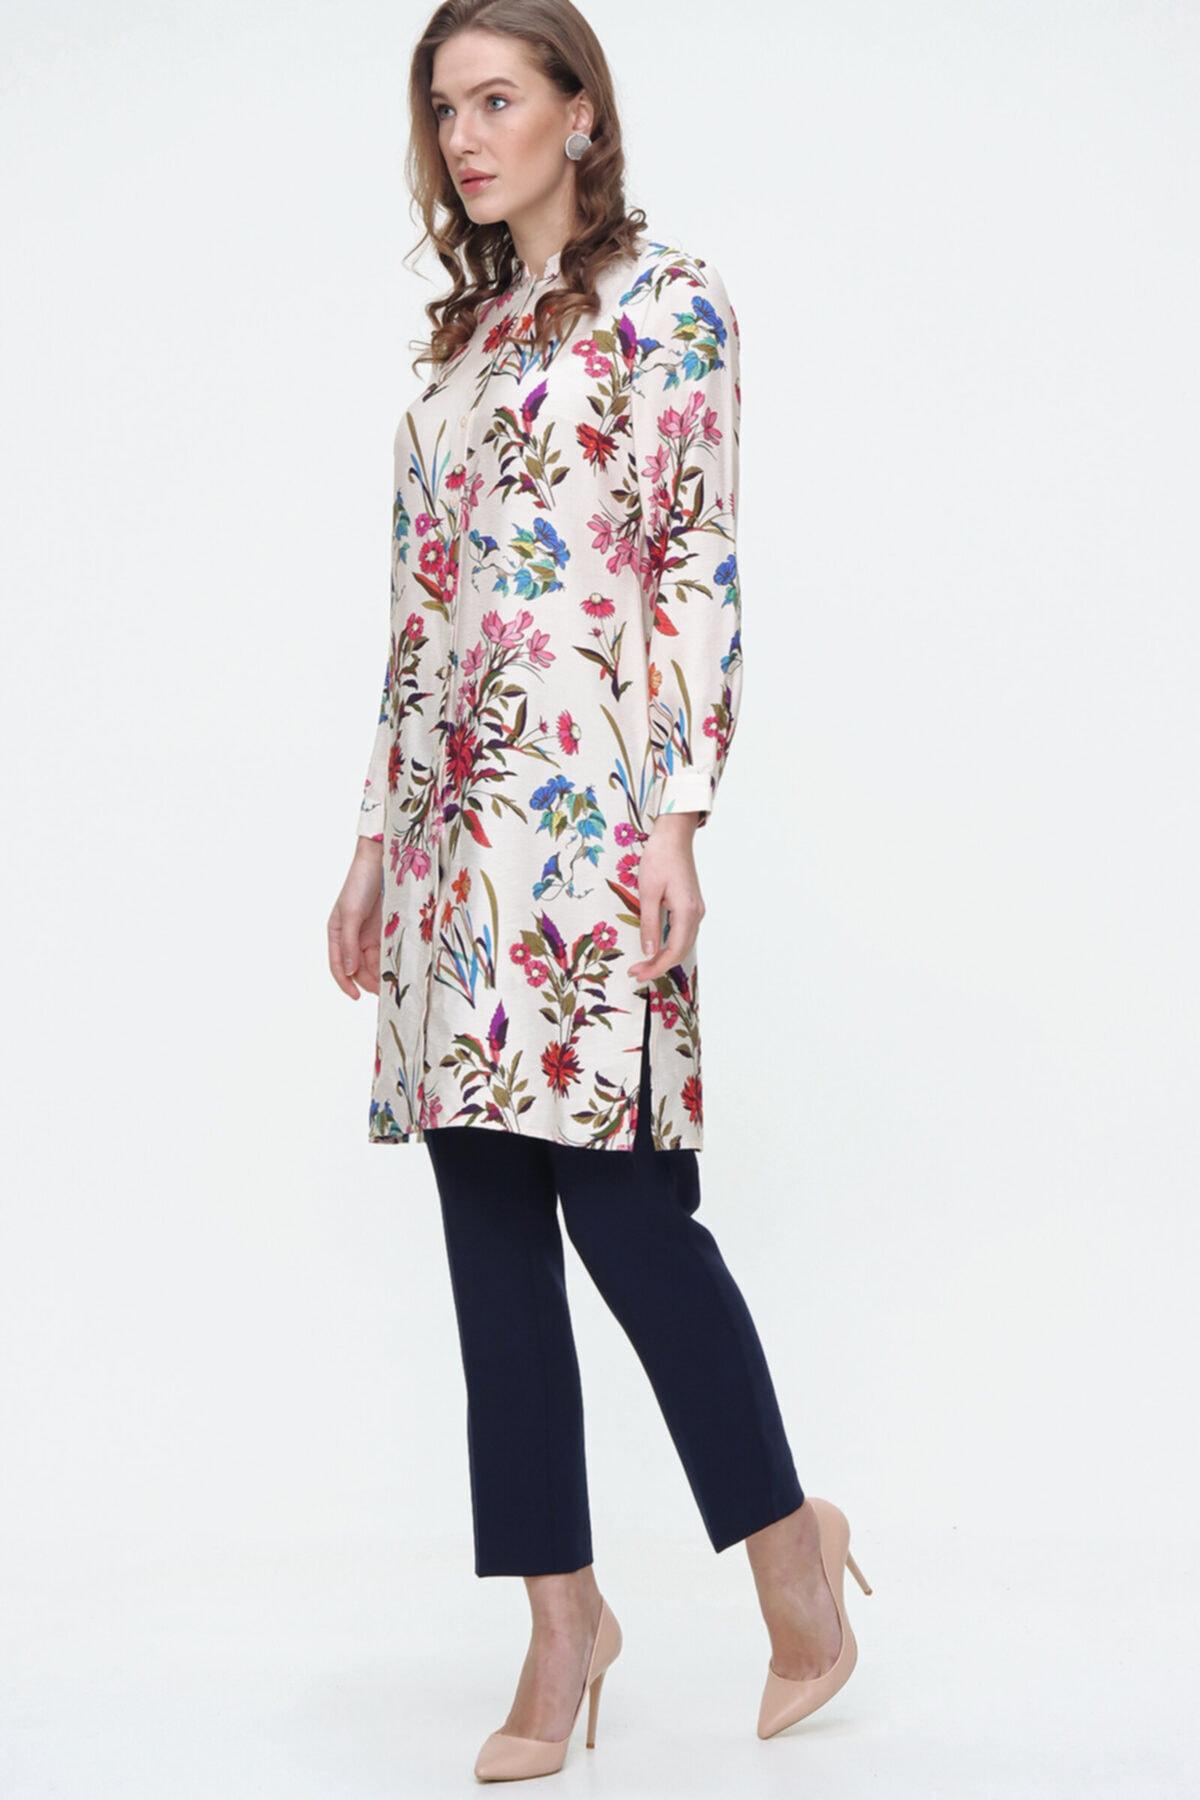 Aker Kadın Yeşil Çiçek Desenli Uzun Kol Tunik 155002020 2